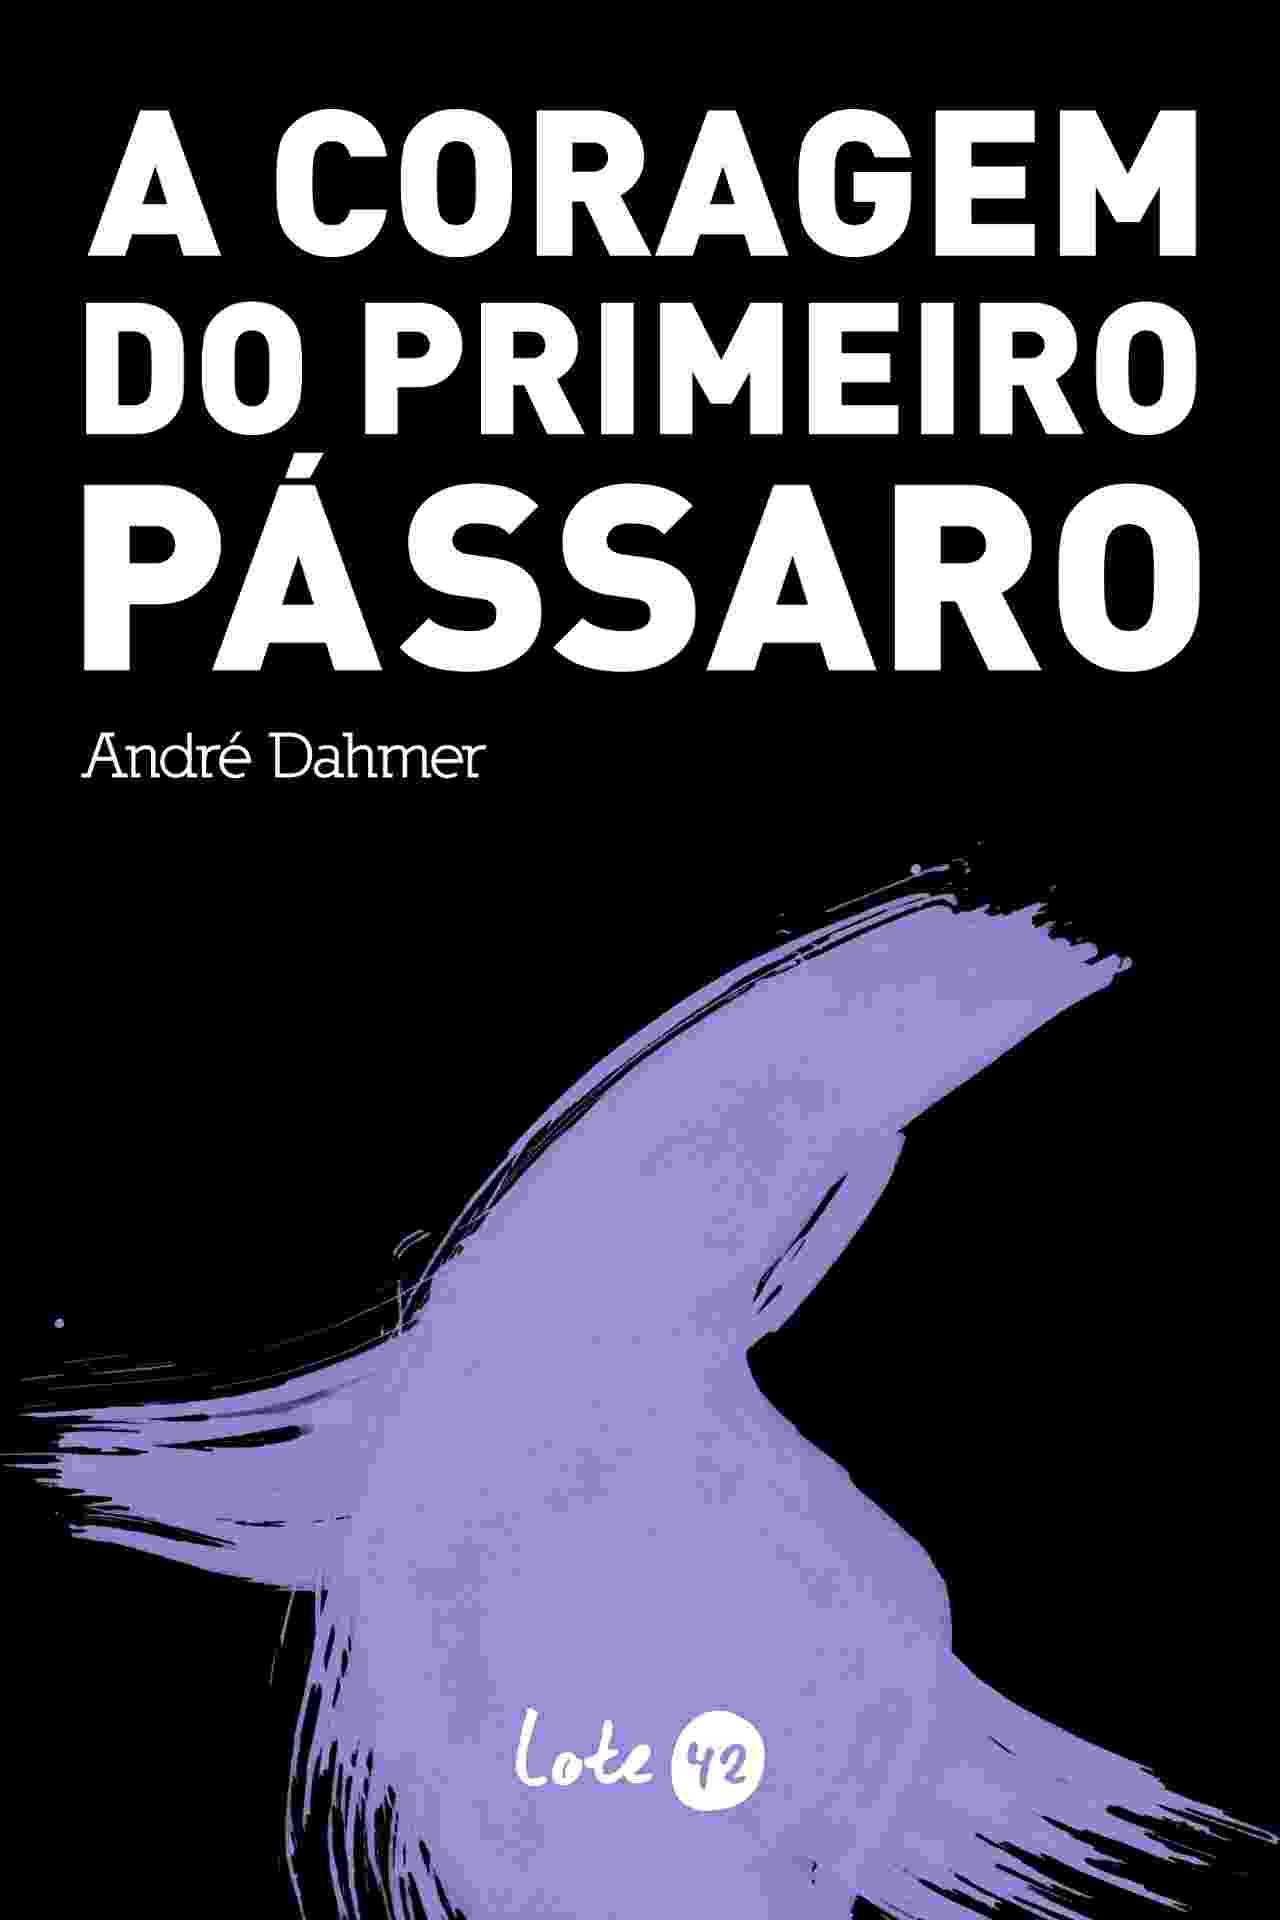 """Mais novo livro editado pela Lote 42, """"A Coragem do Primeiro Pássaro"""", do escritor e desenhista André Dahmer (autor das tirinhas """"Malvados""""), será lançado no dia 6 de maio no Rio, e no dia 9 em São Paulo. A obra revela a faceta de poeta do autor, e o projeto gráfico, com as páginas impressas em preto e as letras em branco, dão a dimensão da tristeza causada pelo fim de um relacionamento. O livro custa R$ 29,90 e tem pré-venda online pelo site http://www.lojalote42.com.br/lote-42/acoragemdoprimeiropassaro/ - Divulgação"""